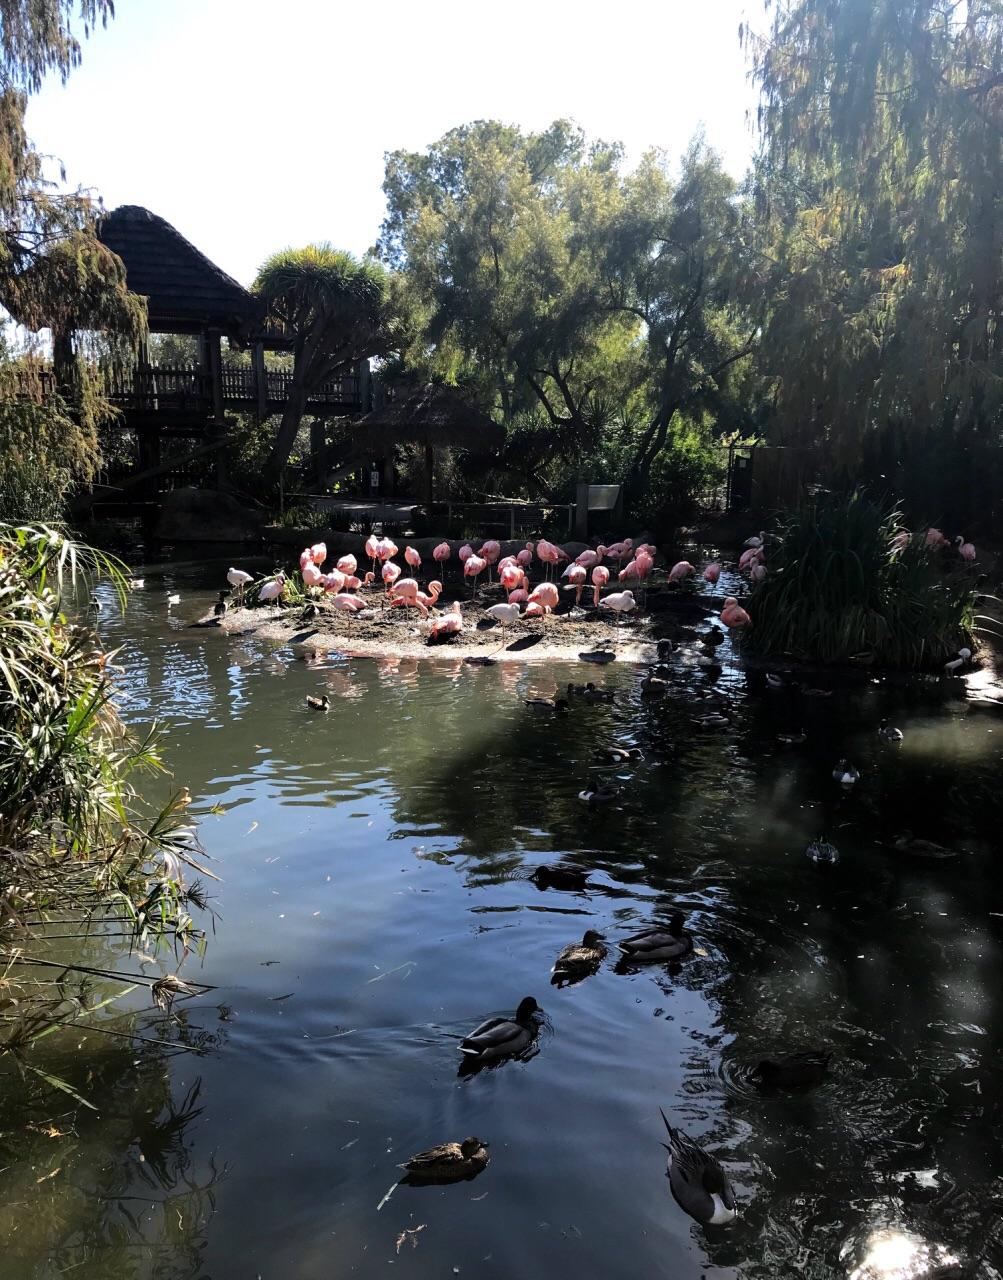 在圣地亚哥野生动物园这个野生保护区内,动物们自由得漫步,仿佛在他们自己的野生家园。游客能够通过安静的铁轨进入园区,欣赏外来物种和植物。进入野生动物园,来自非洲的鸟禽会给你带来第一声的问候。几步路的距离便是Nairobi村,它是被蒙巴萨礁湖(Mombasa Lagoon)环绕的热带天堂。这个热闹的村落有许多商店,餐馆,博物馆和活动中心,在这里游客能够购物,歇脚,查询地图和计划行程等等。Nairobi村位于野生动物园的中心,孩子可以尽情享受这里的游乐设施,各个年龄的游客都能从喂鸟中得到极大的乐趣。 参观时,不